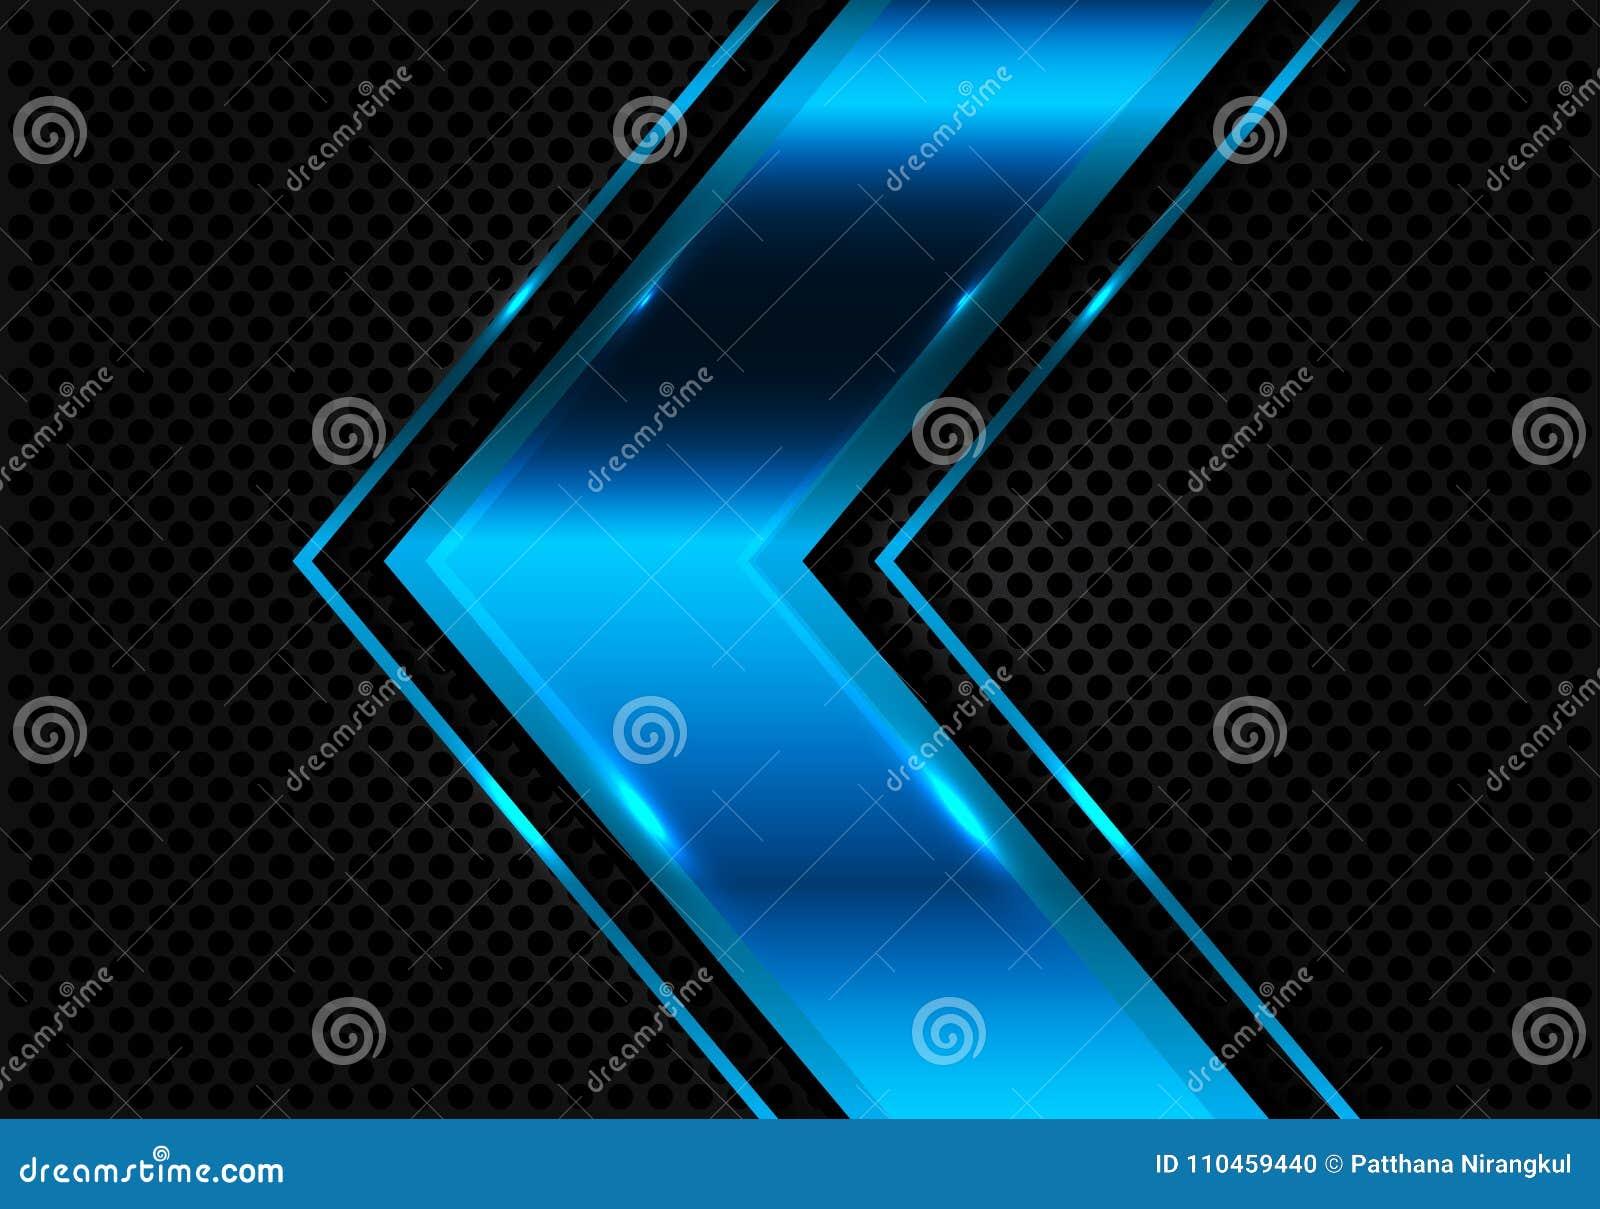 Abstrakt blå pil på modern futuristisk vektor för mörk cirkelingreppsdesign